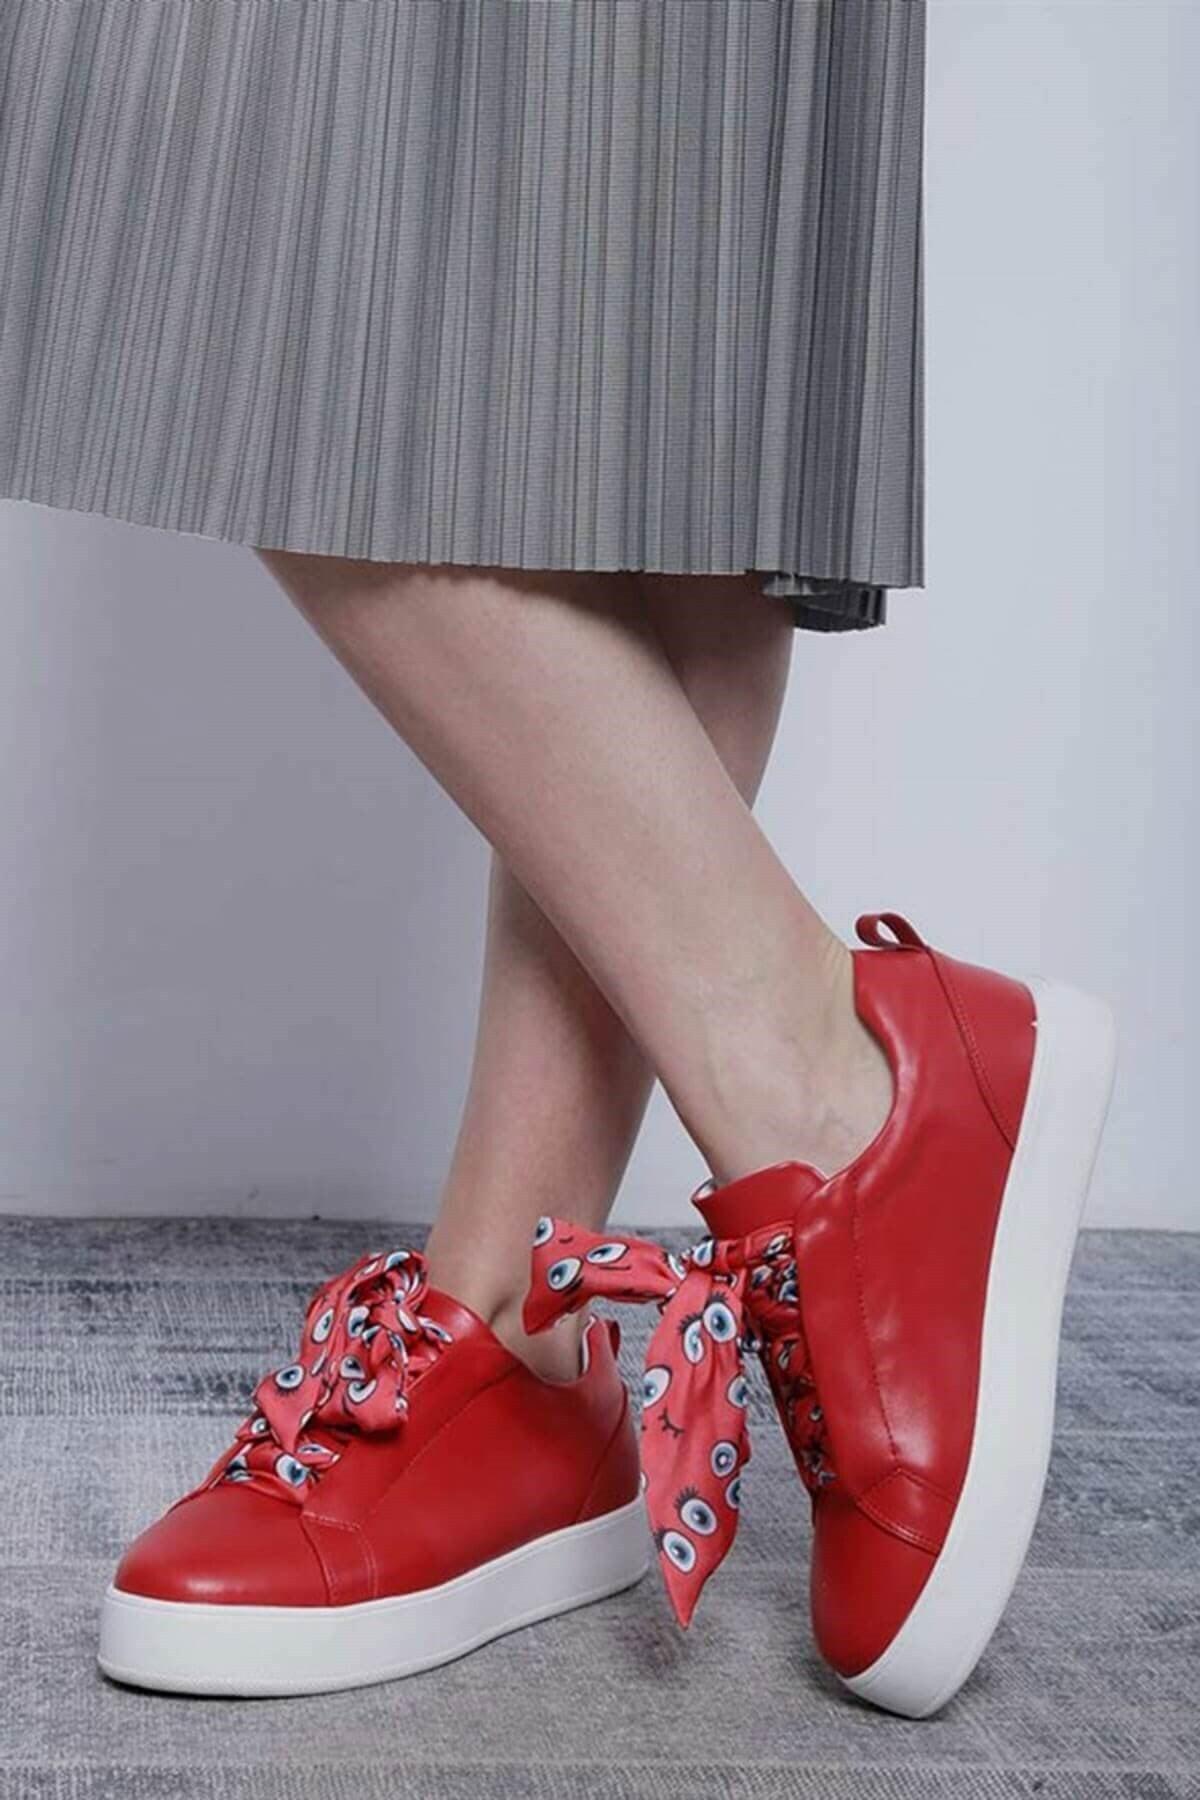 Mossta Kadın Kırmızı Bağcık Desenli Spor Ayakkabı 1